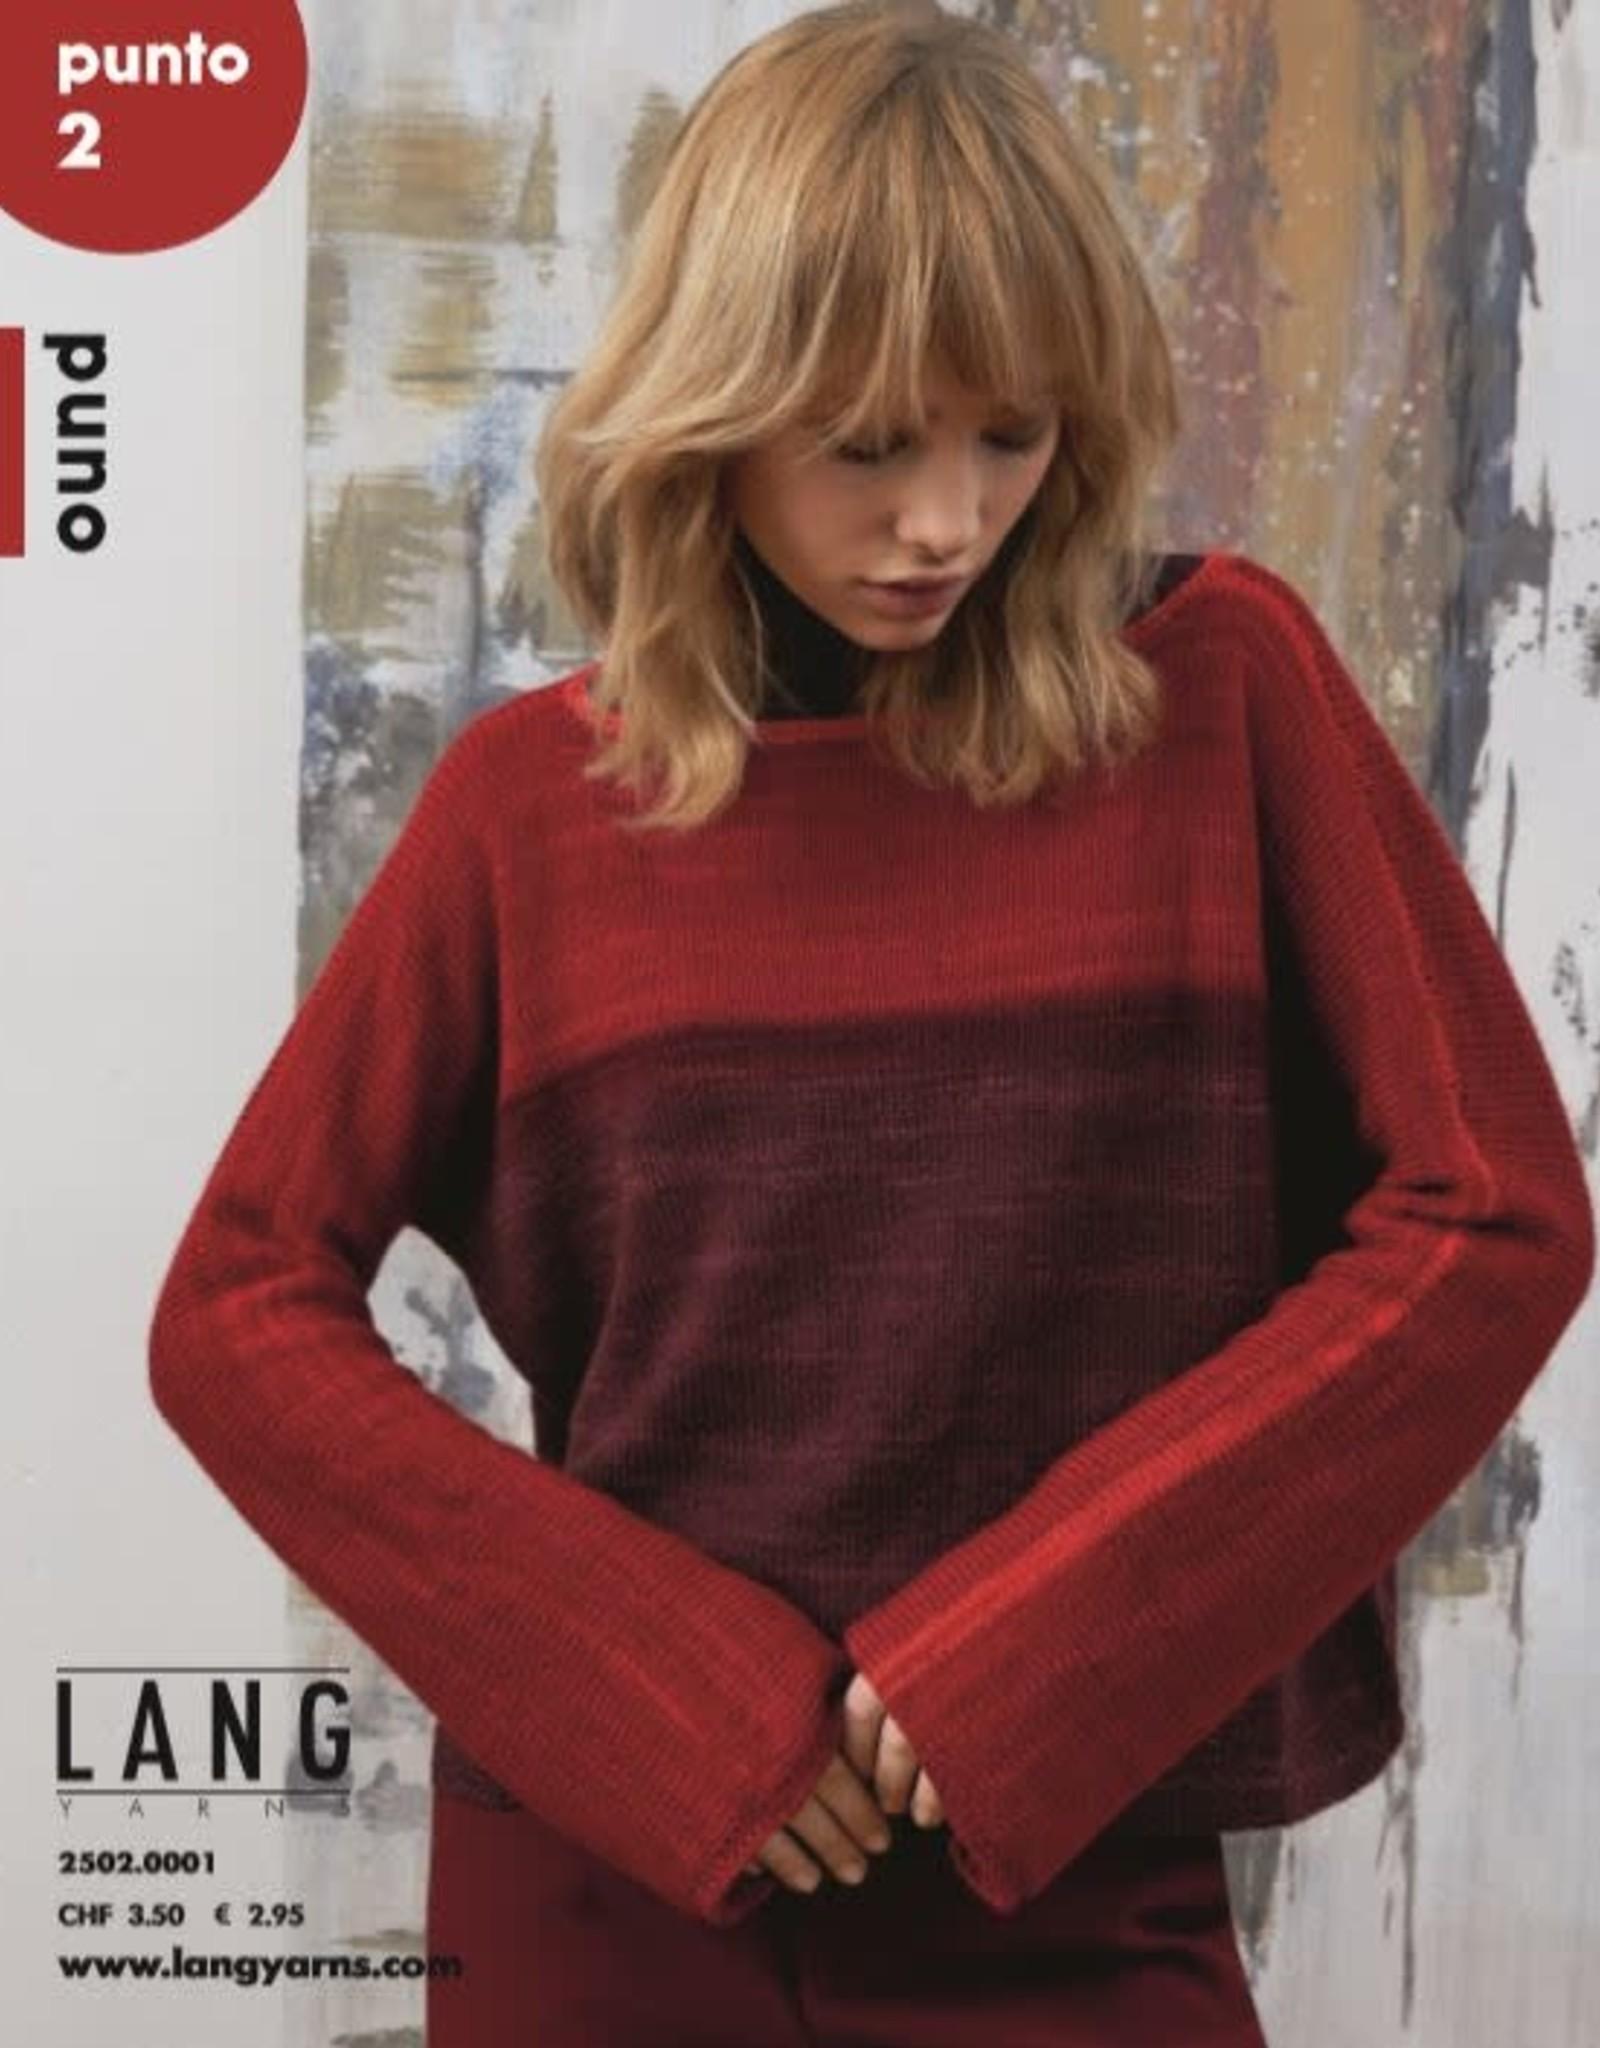 Lang Yarns Lang Yarns - Puno 978.0066